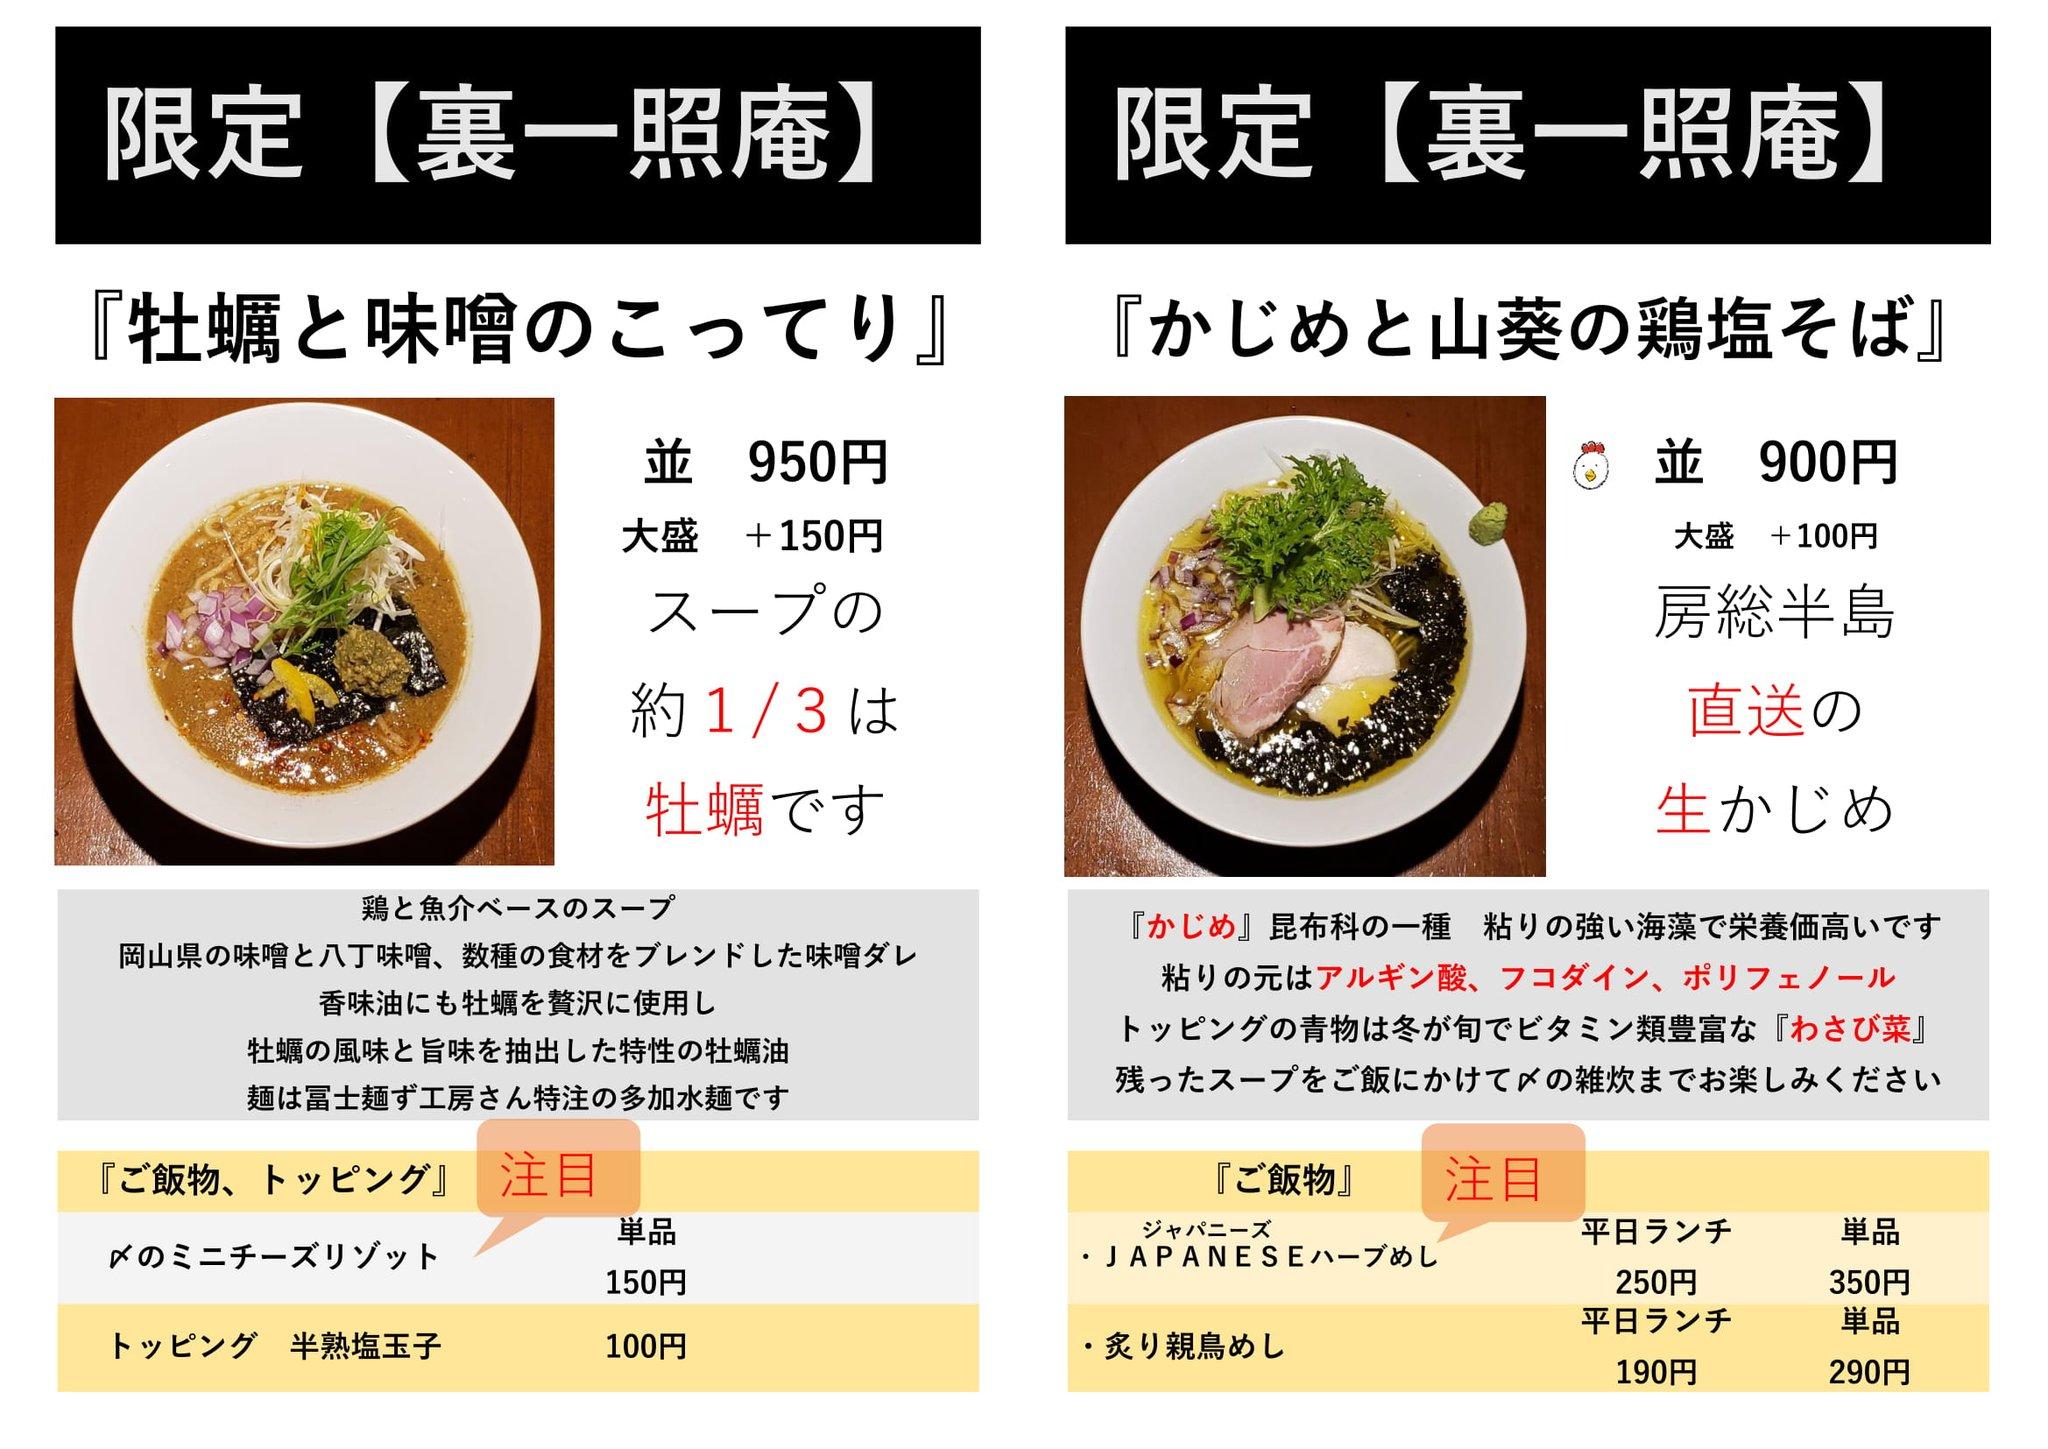 210409麺酒一照庵_ 210100裏一照庵広告